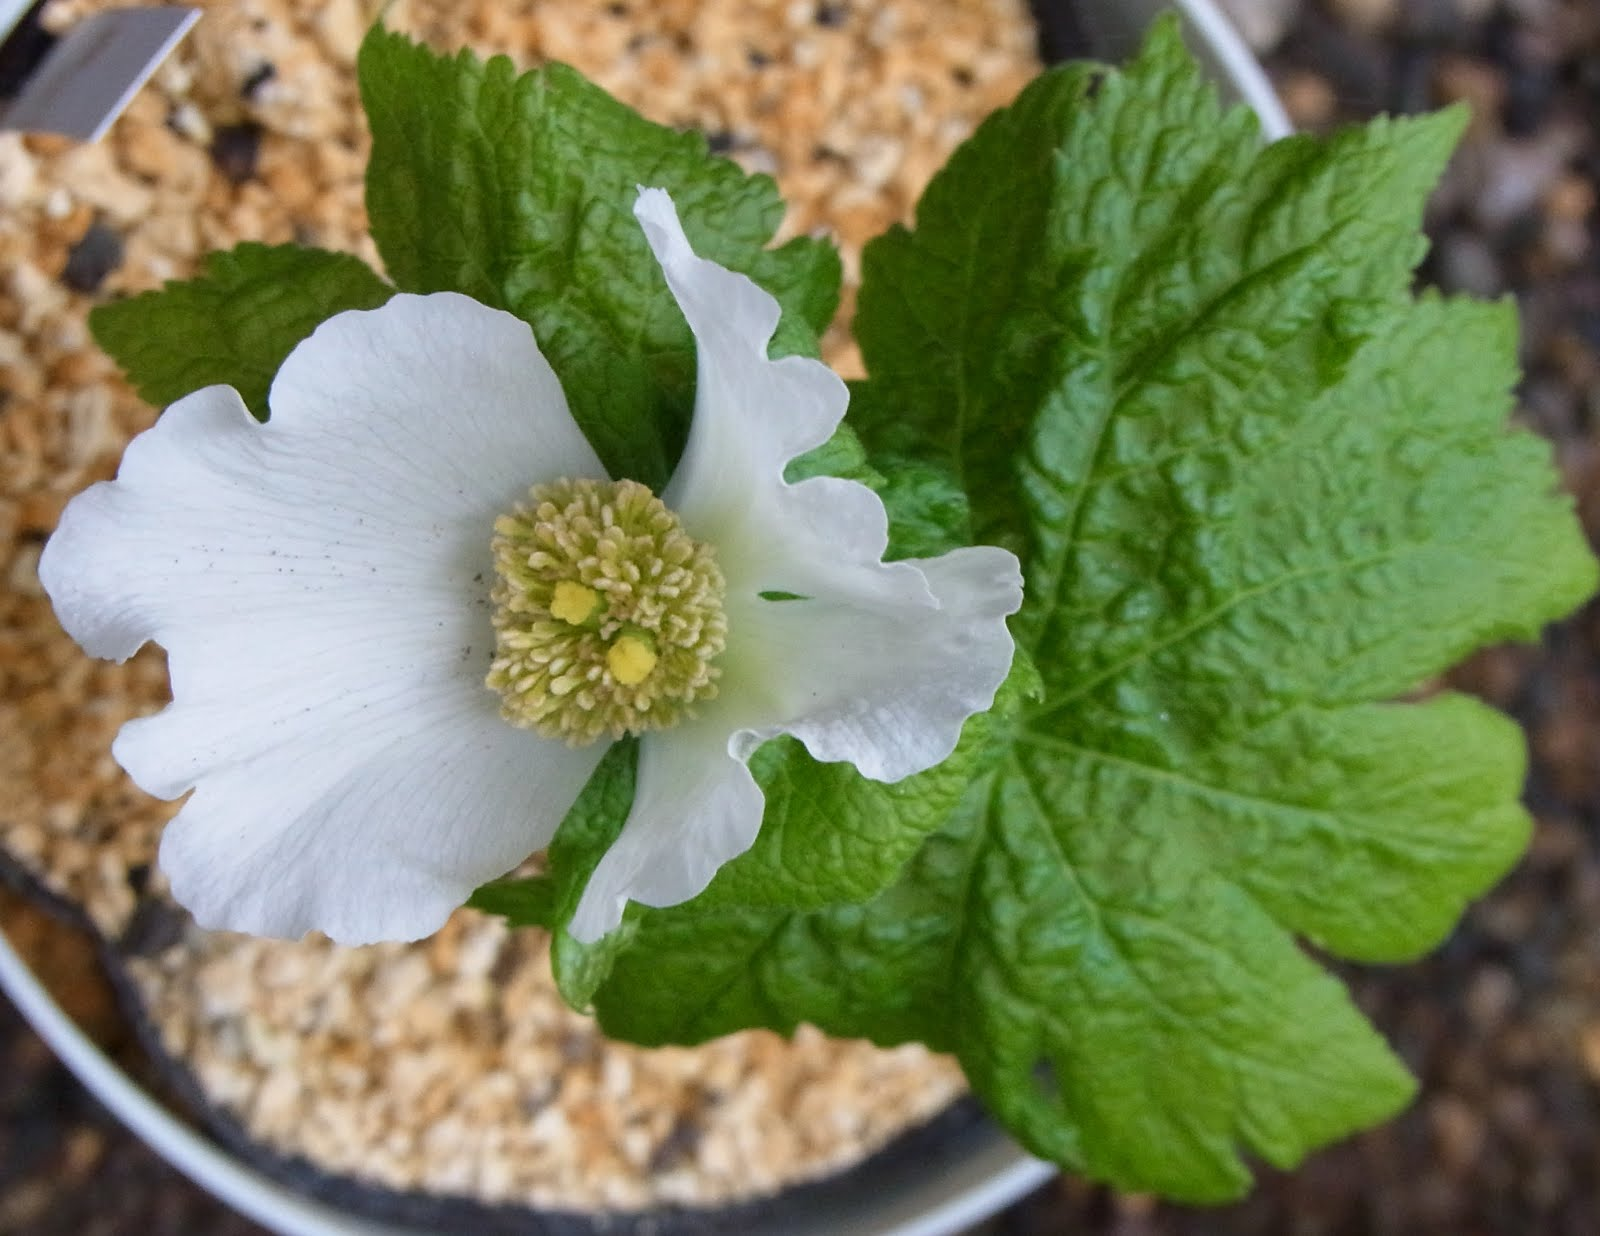 Glaucidium palmatum Siebold et Zucc.